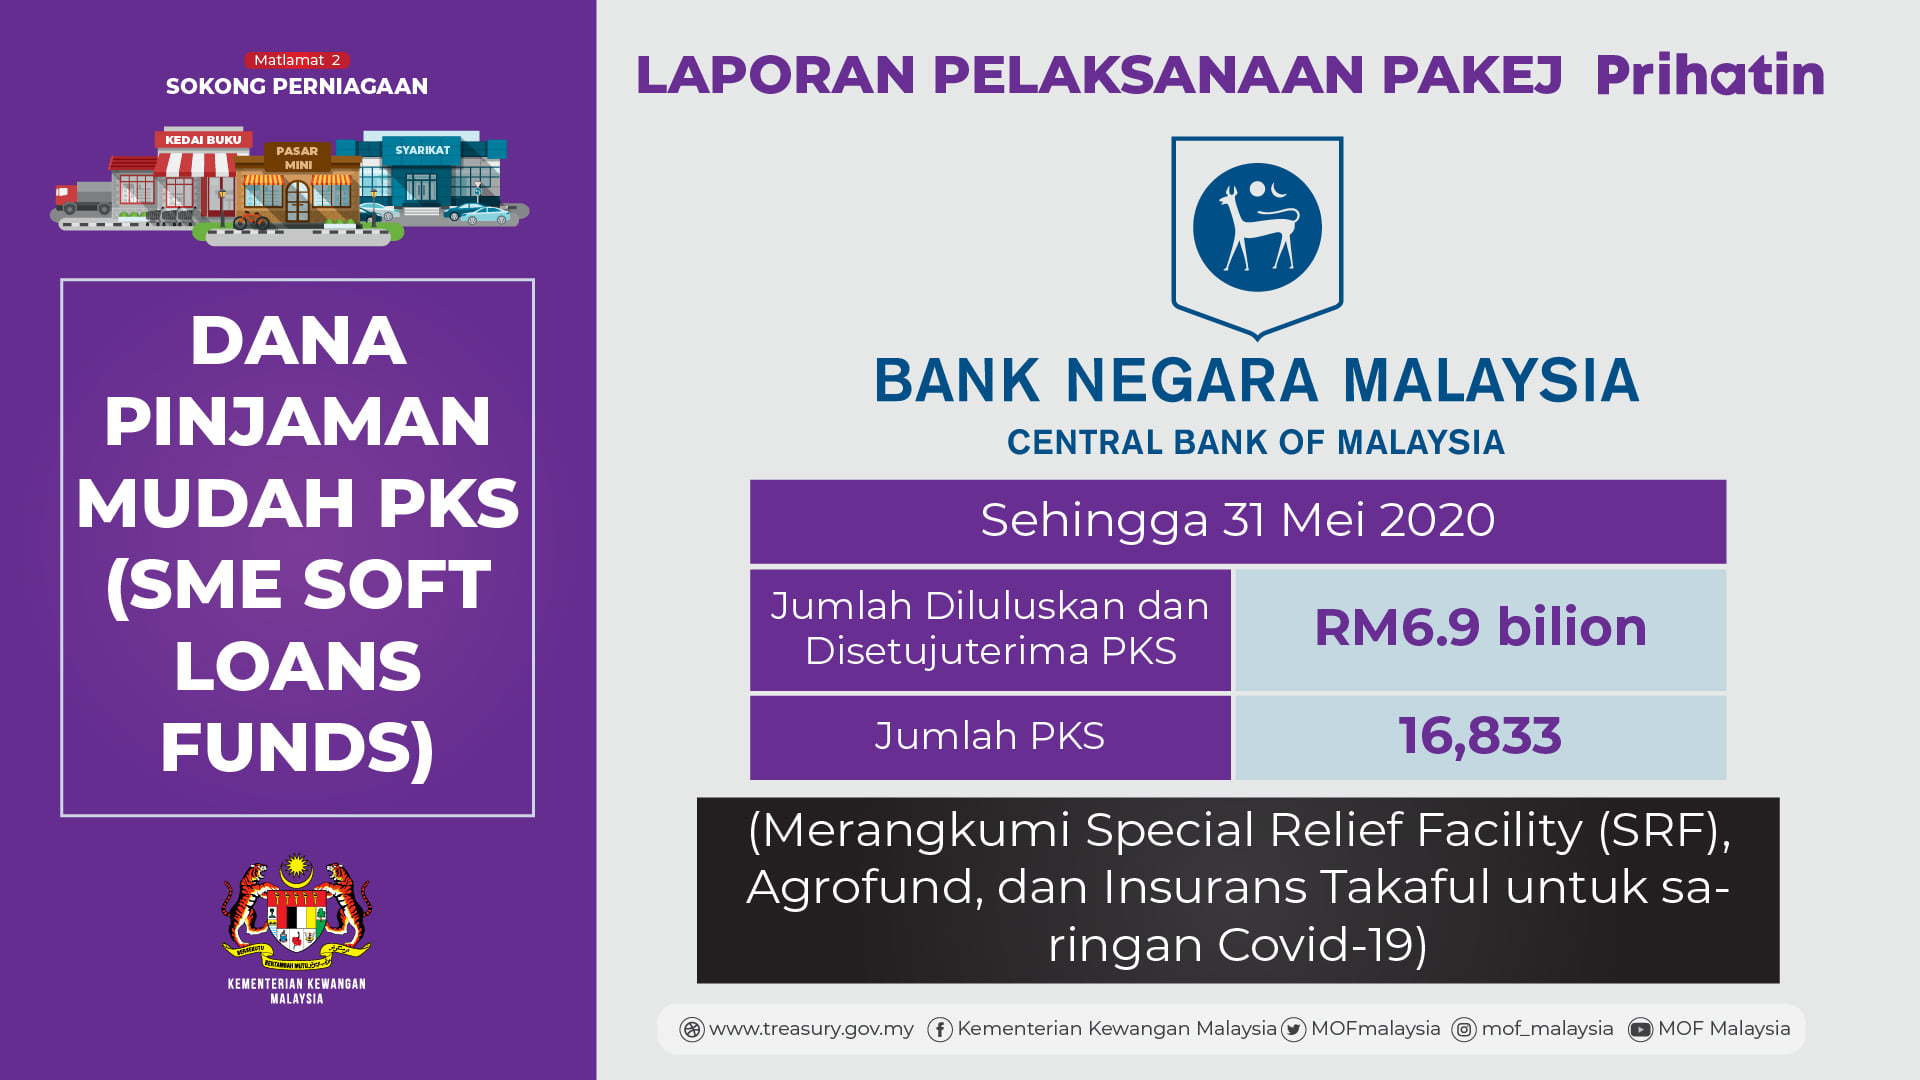 laporan-prihatin-dana-pinjaman-mudah-pks